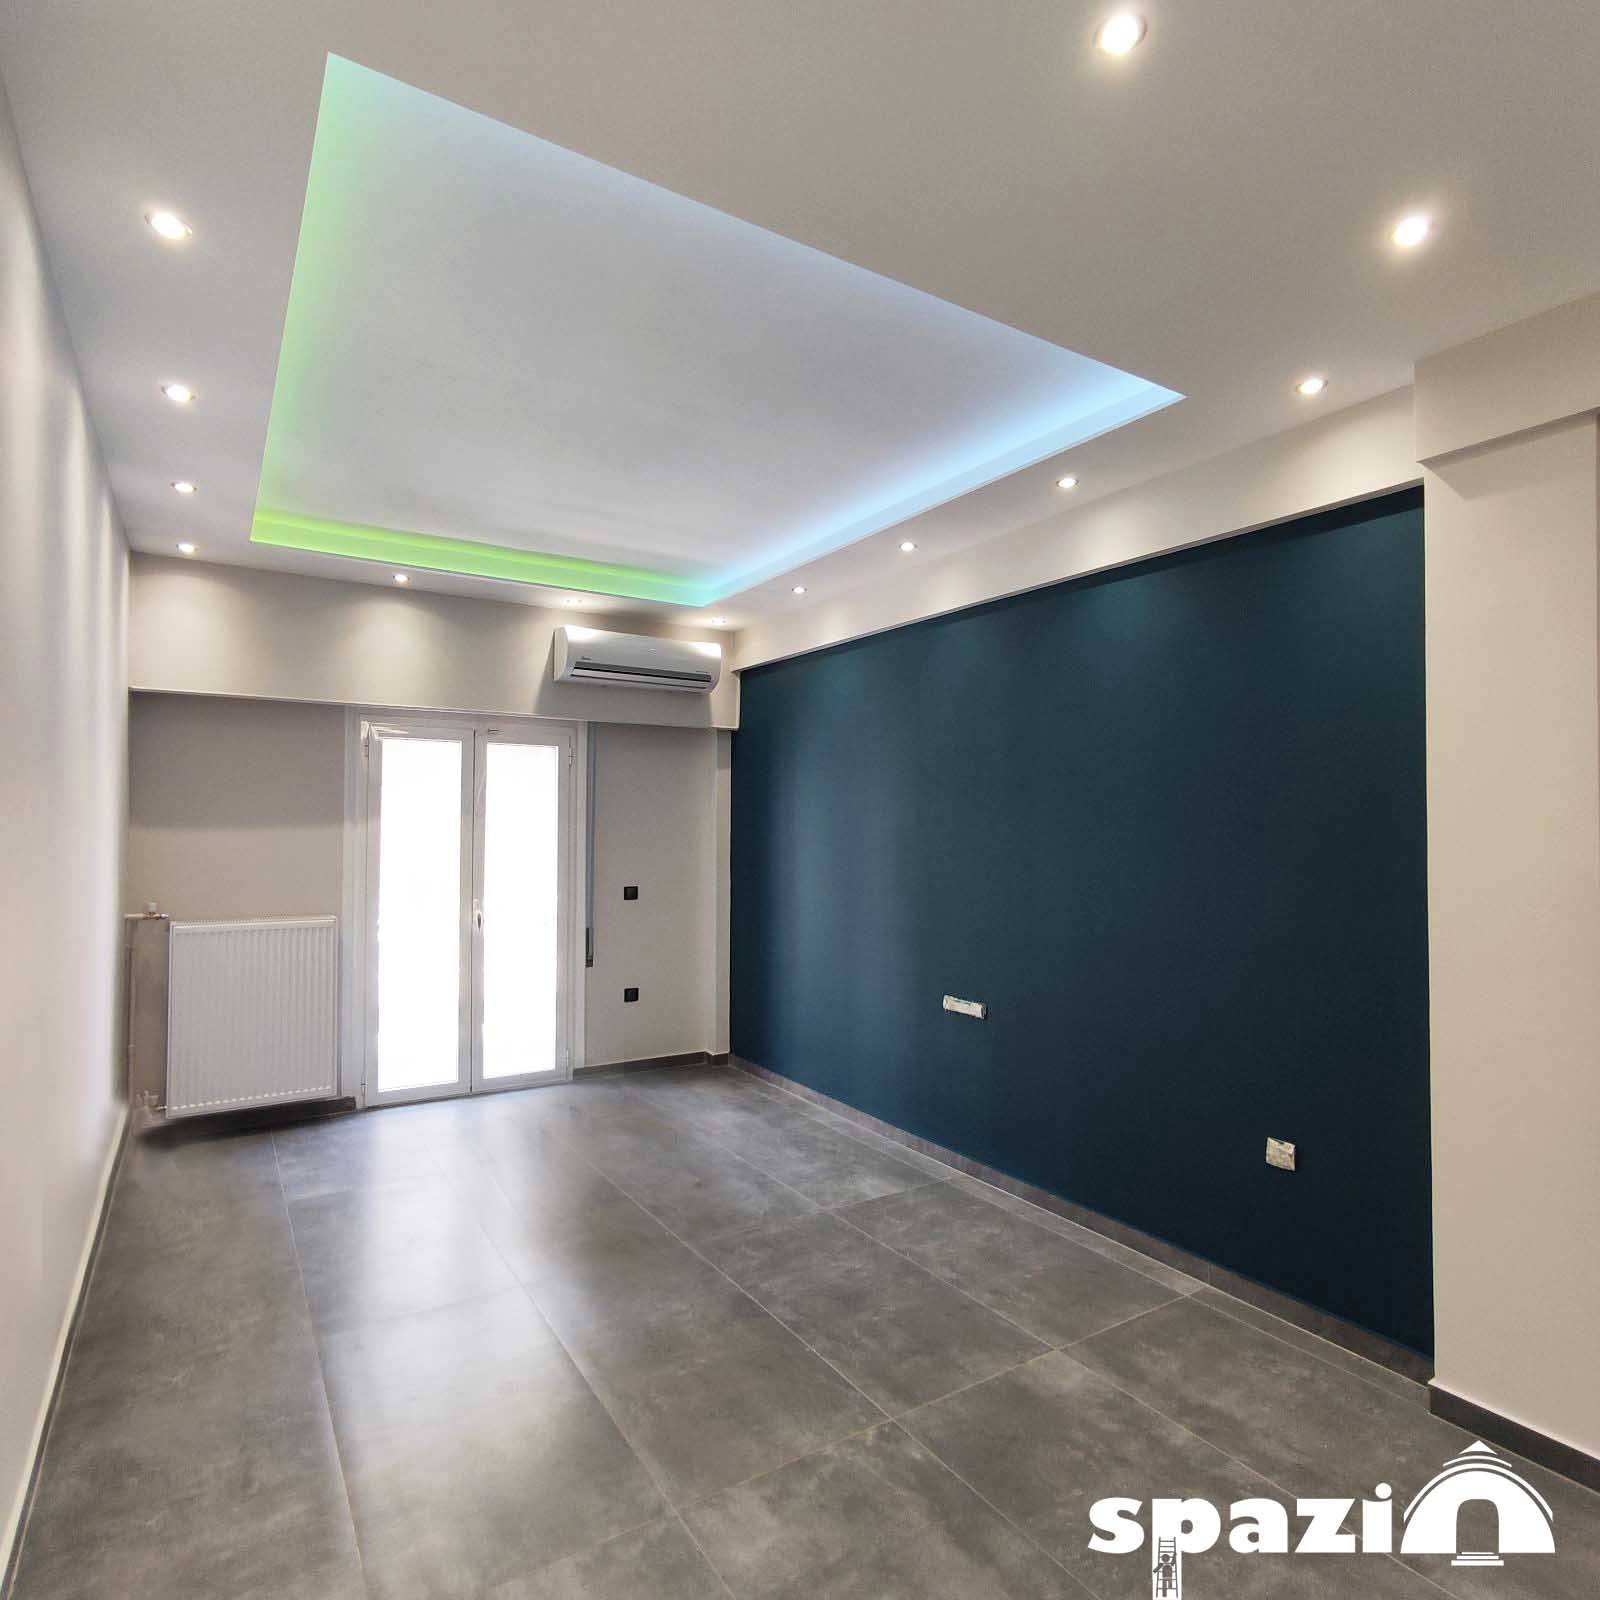 spazio_sepolia_02-4.jpg